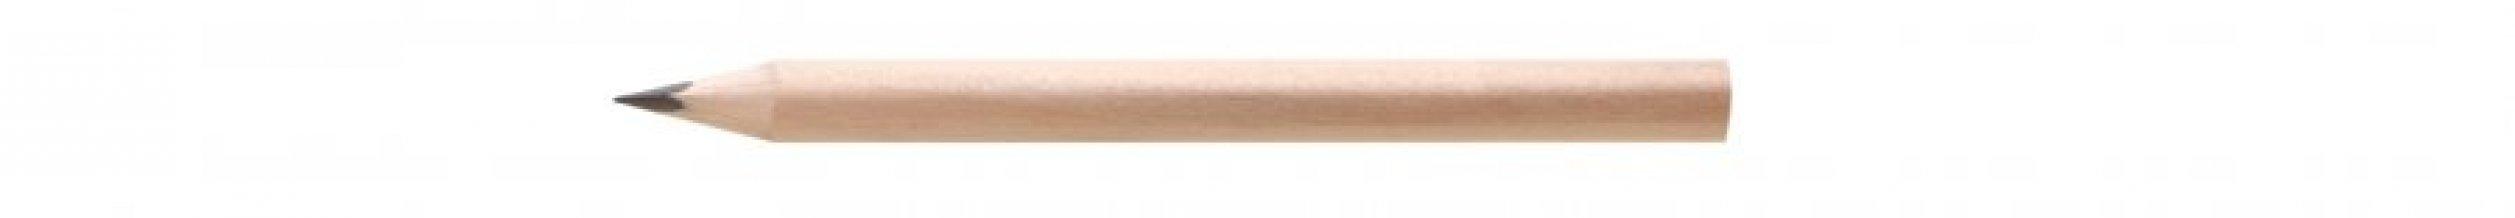 Tužka krátká, trojhranná TRIA S, natur